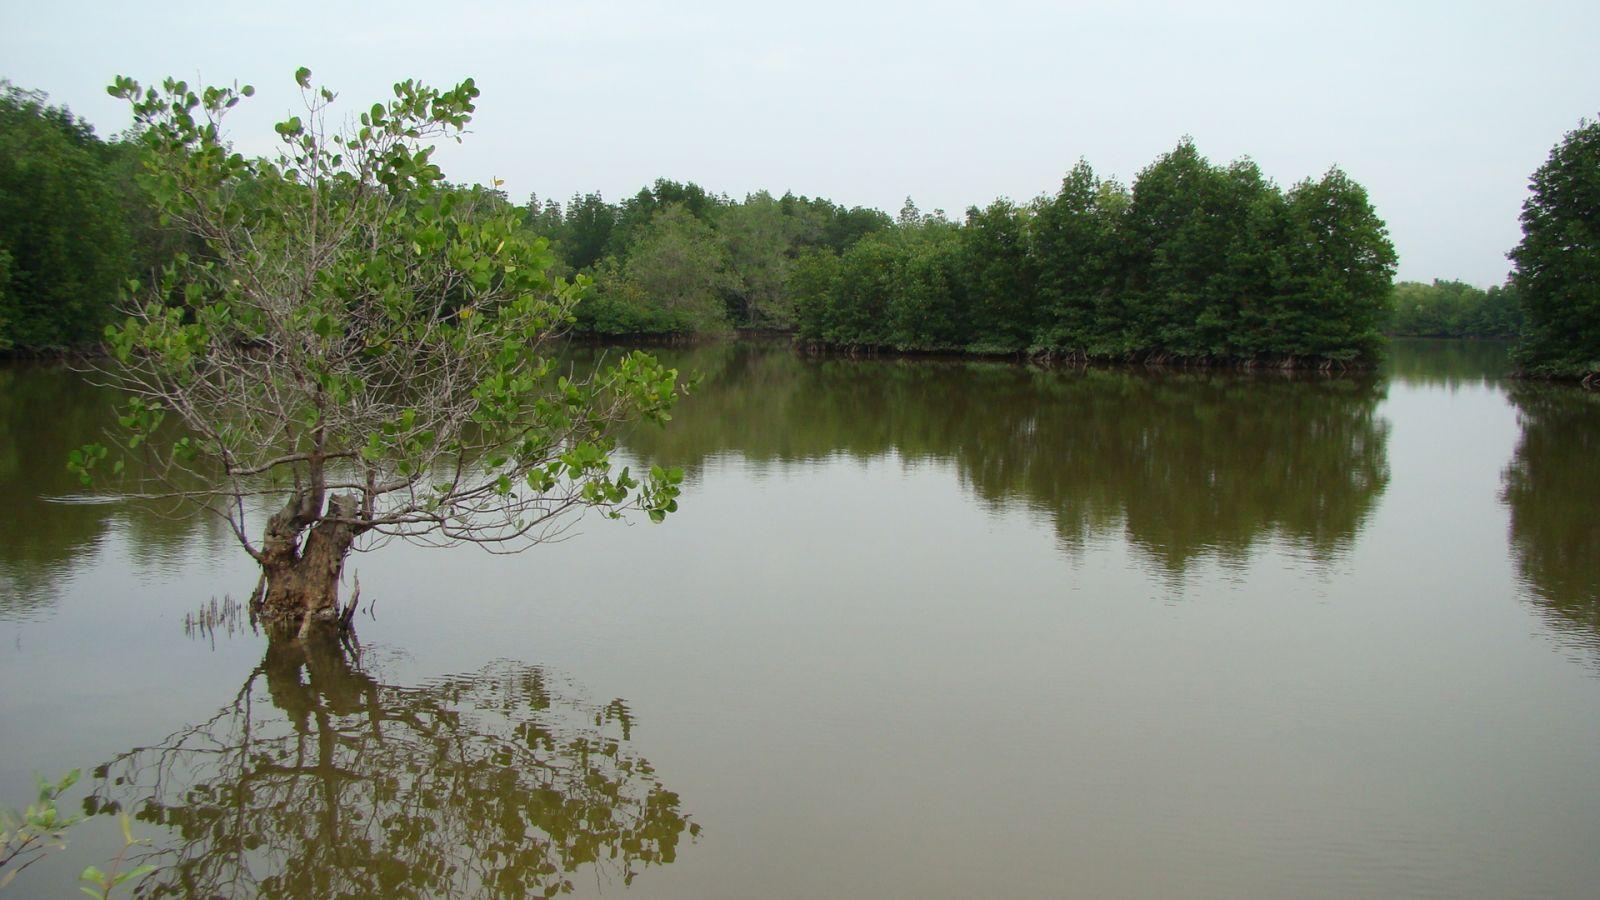 Vi khuẩn xử lý nước, vi khuẩn xử lý nước trong nuôi tôm, xử lý nước nuôi tôm, vi sinh